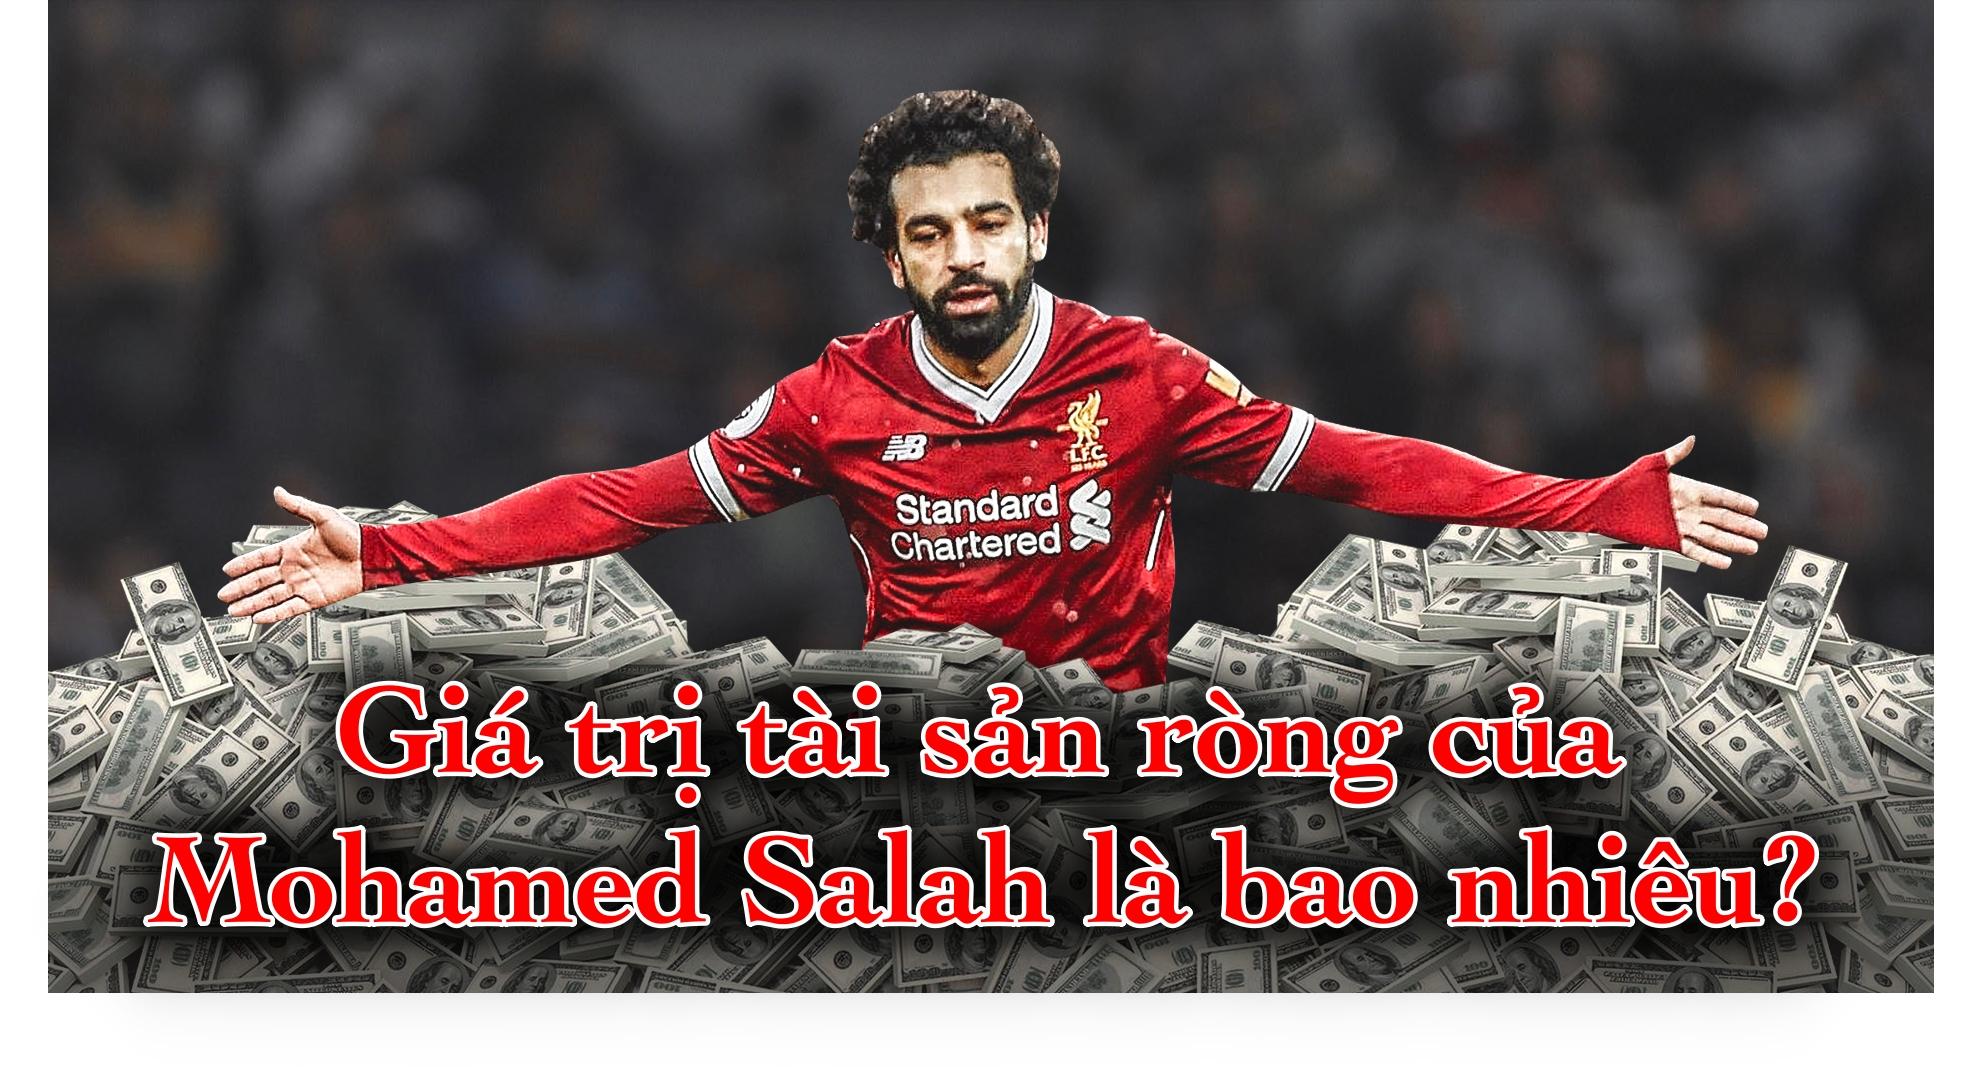 Giá trị tài sản ròng của Mohamed Salah là bao nhiêu?